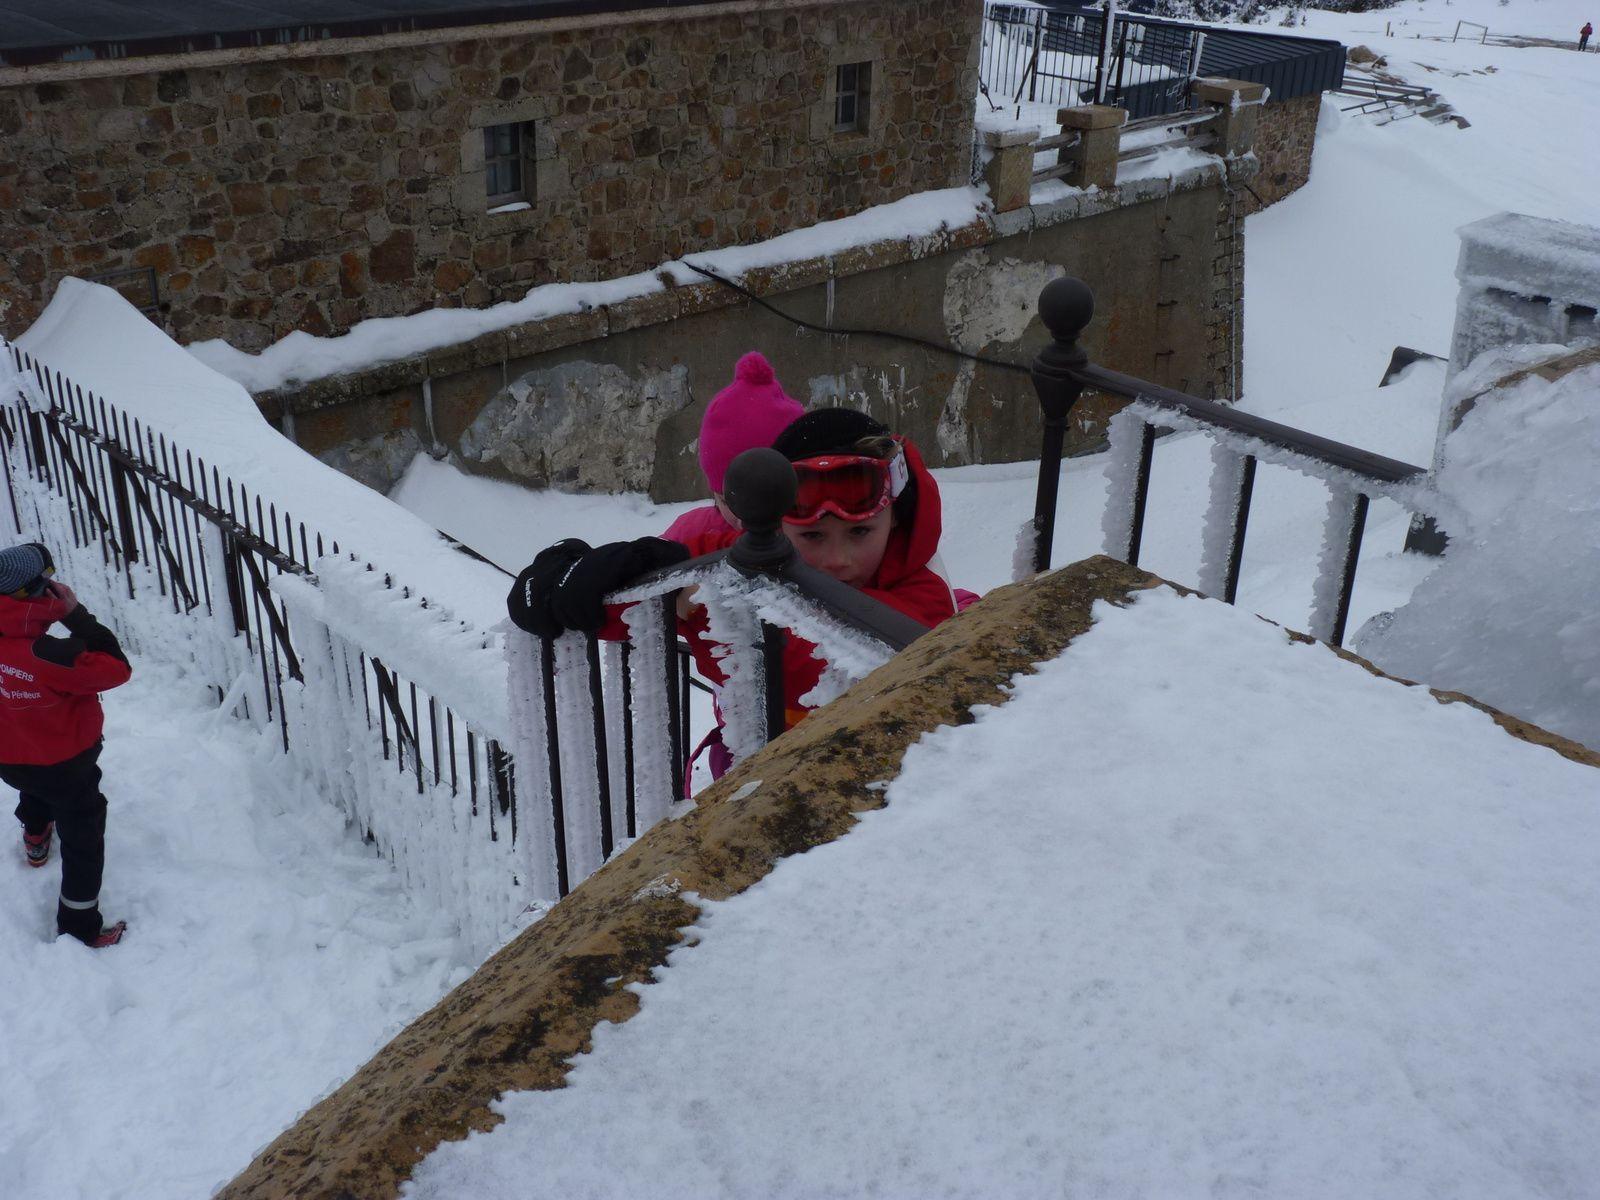 Les CM1 et CM2 sont allés skier à l'Aigoual, une belle journée et beaucoup de neige.